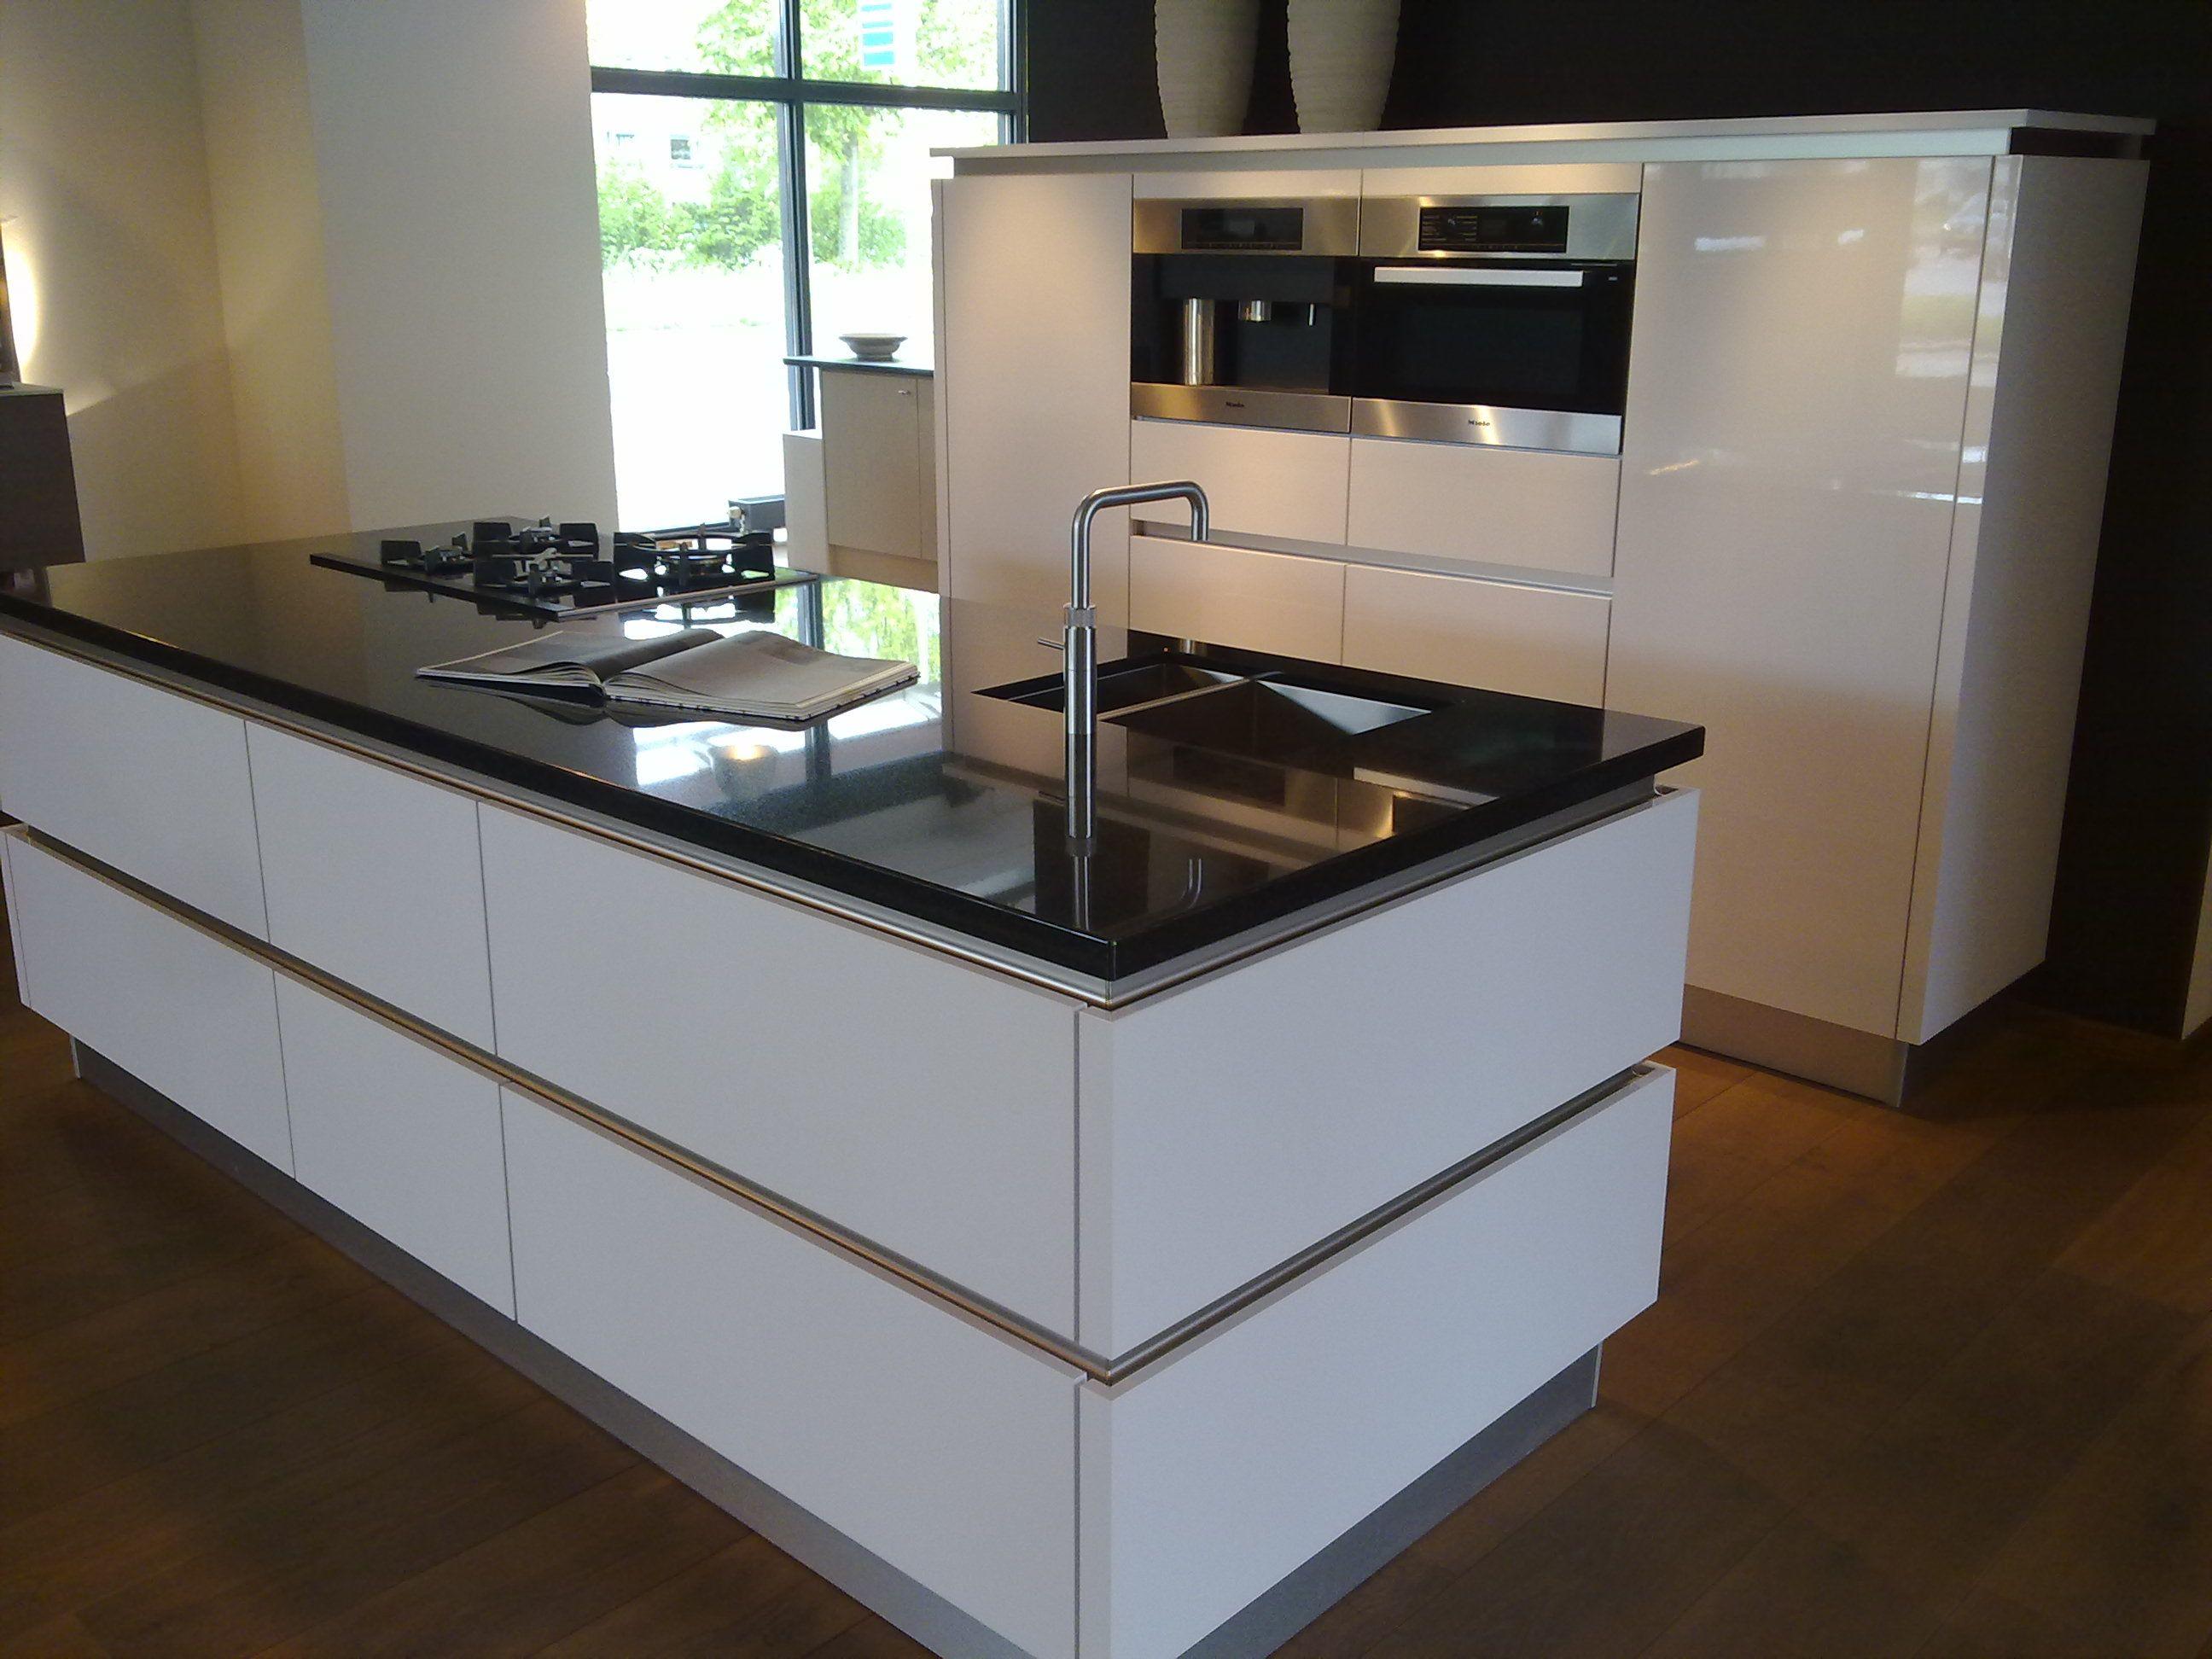 Glanzend witte keuken beste inspiratie voor interieur design en meubels idee n - De beste hedendaagse keukens ...